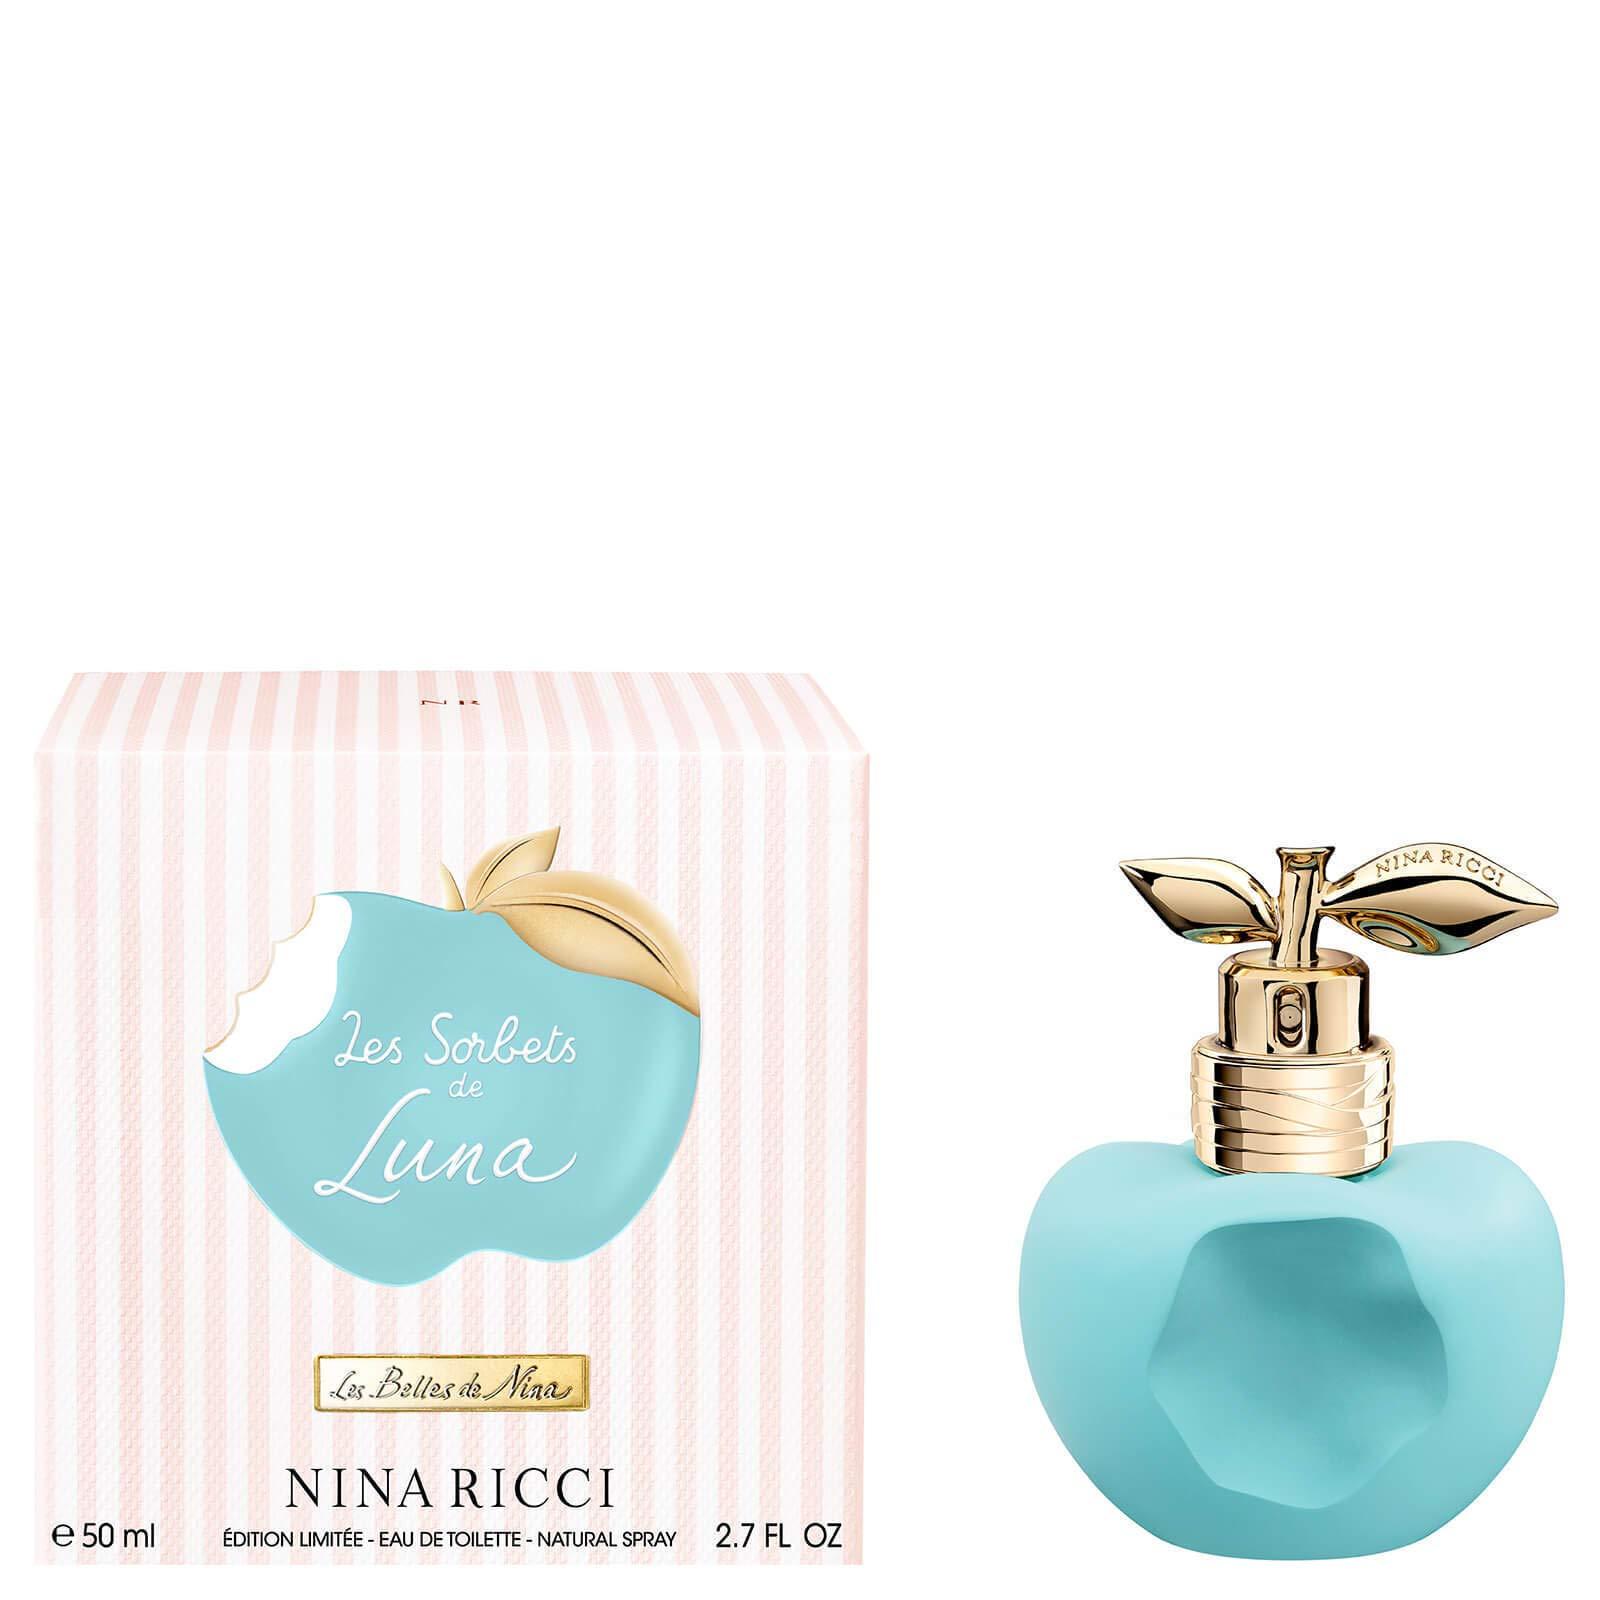 Nina Ricci Les Sorbets de Luna Eau de Toilette 50ml